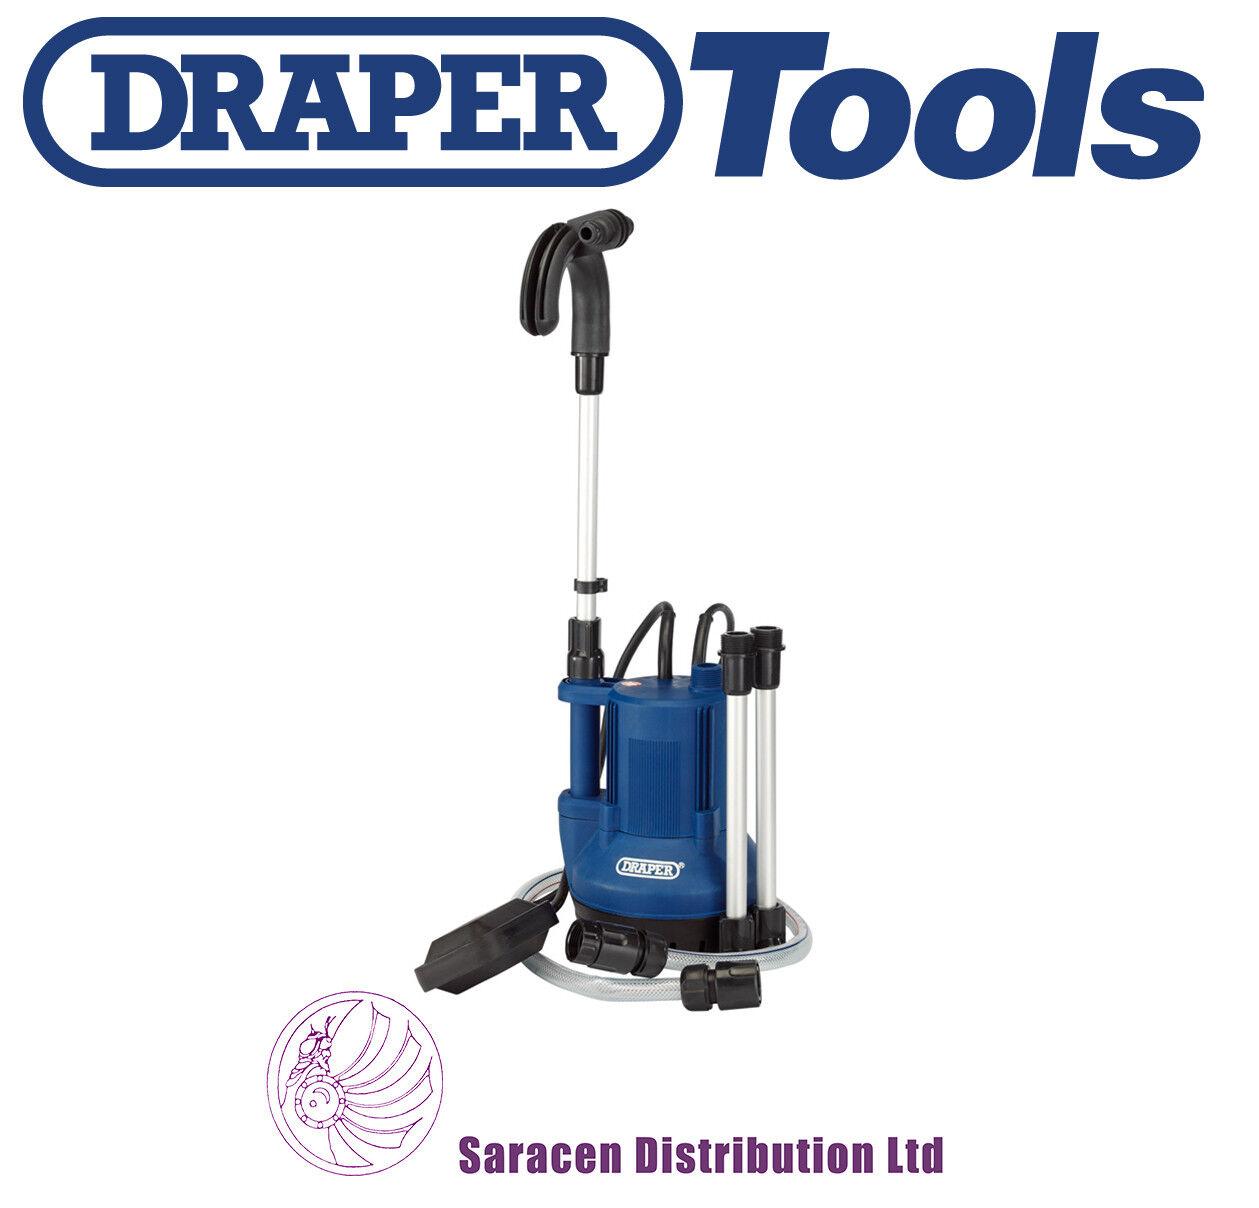 Draper 40L MIN Bomba de tope de agua sumergible con interruptor de flotador (350W) - 36327